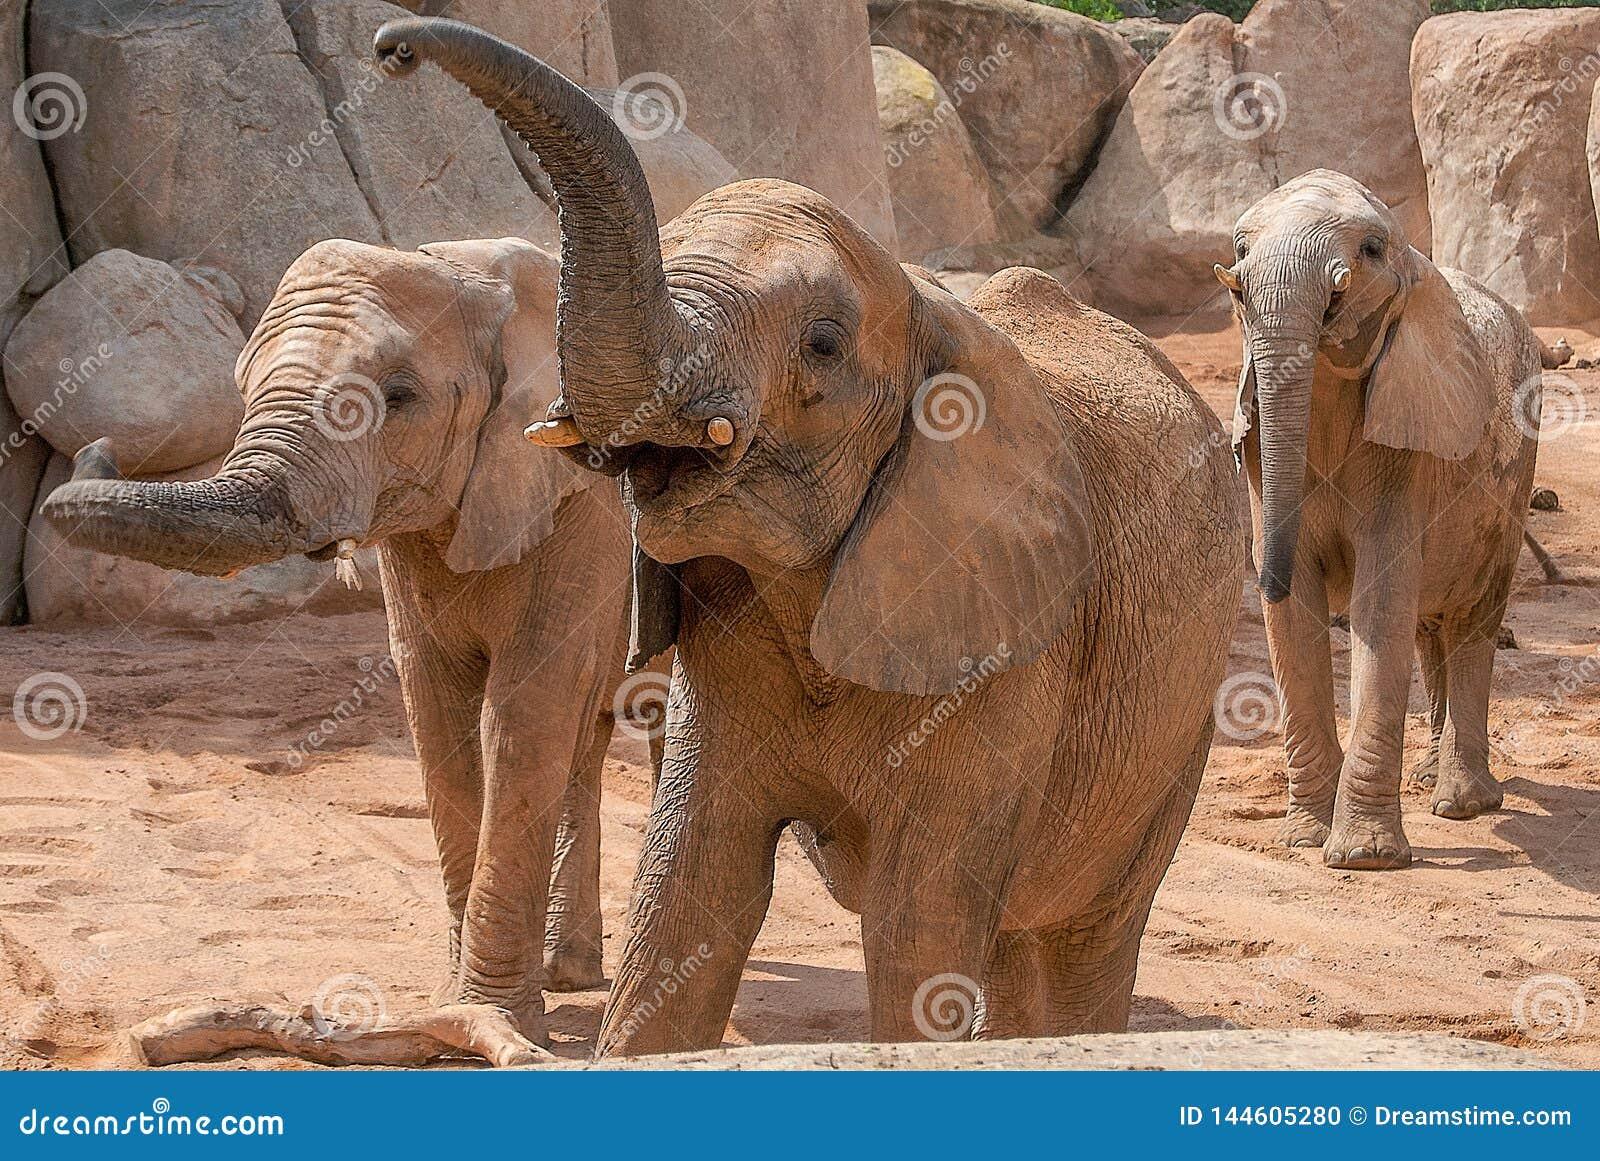 Feeding Time At Valencia Zoo